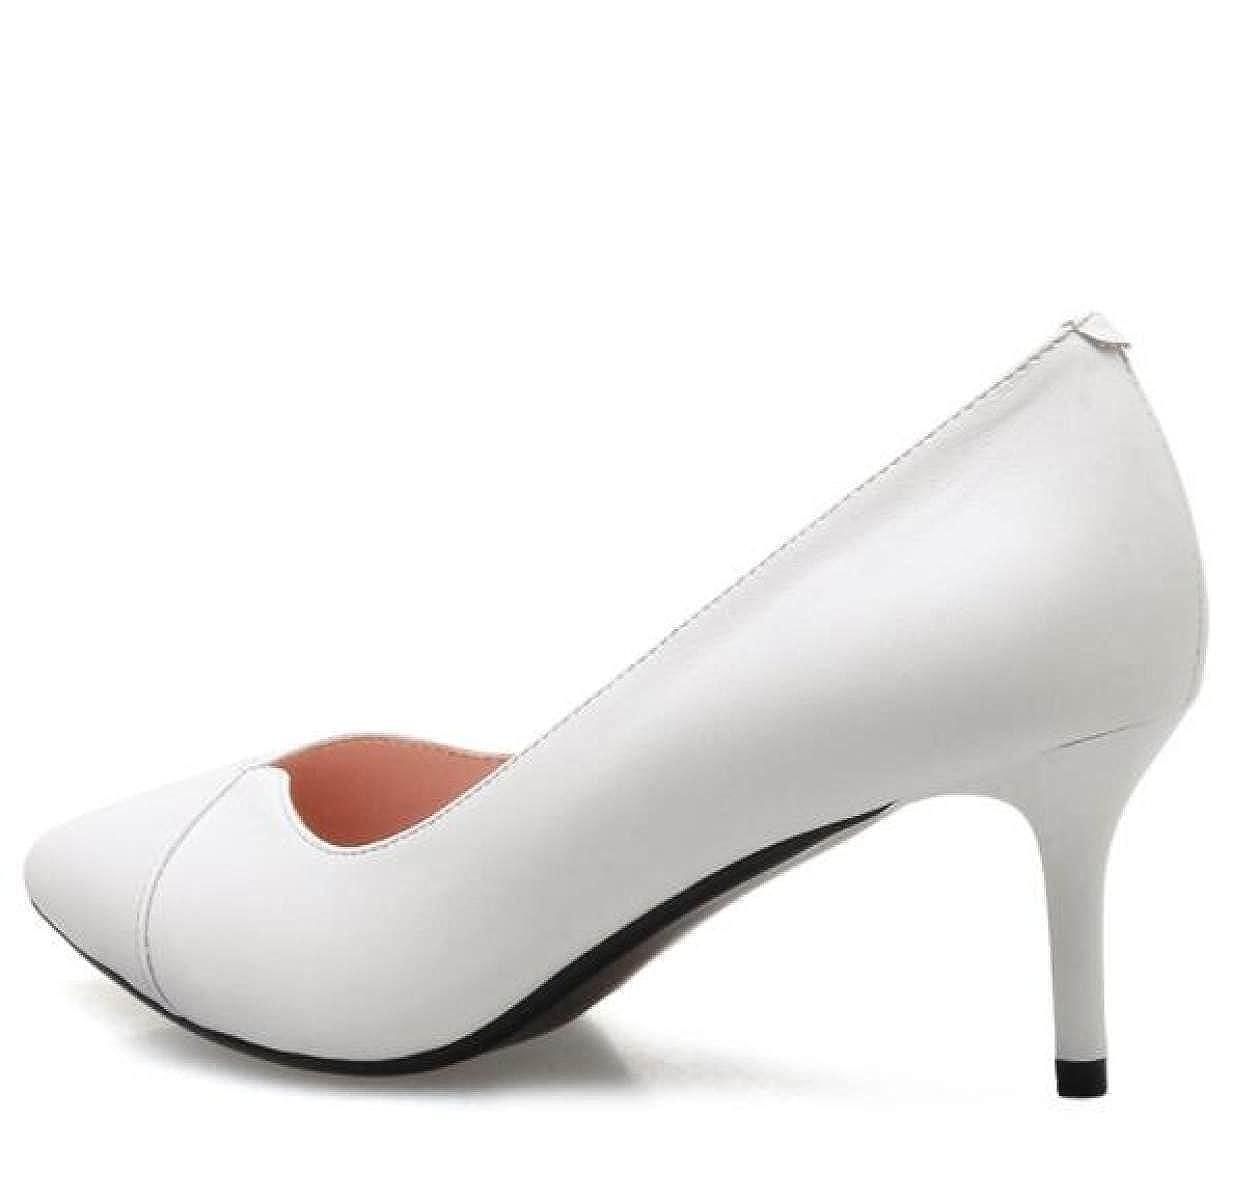 Mode Einzelne Schuhe Frühling Und Herbst Fein Lederschuhe Fein Herbst Mit High Heels Arbeitsschuhe Weiß 625a91